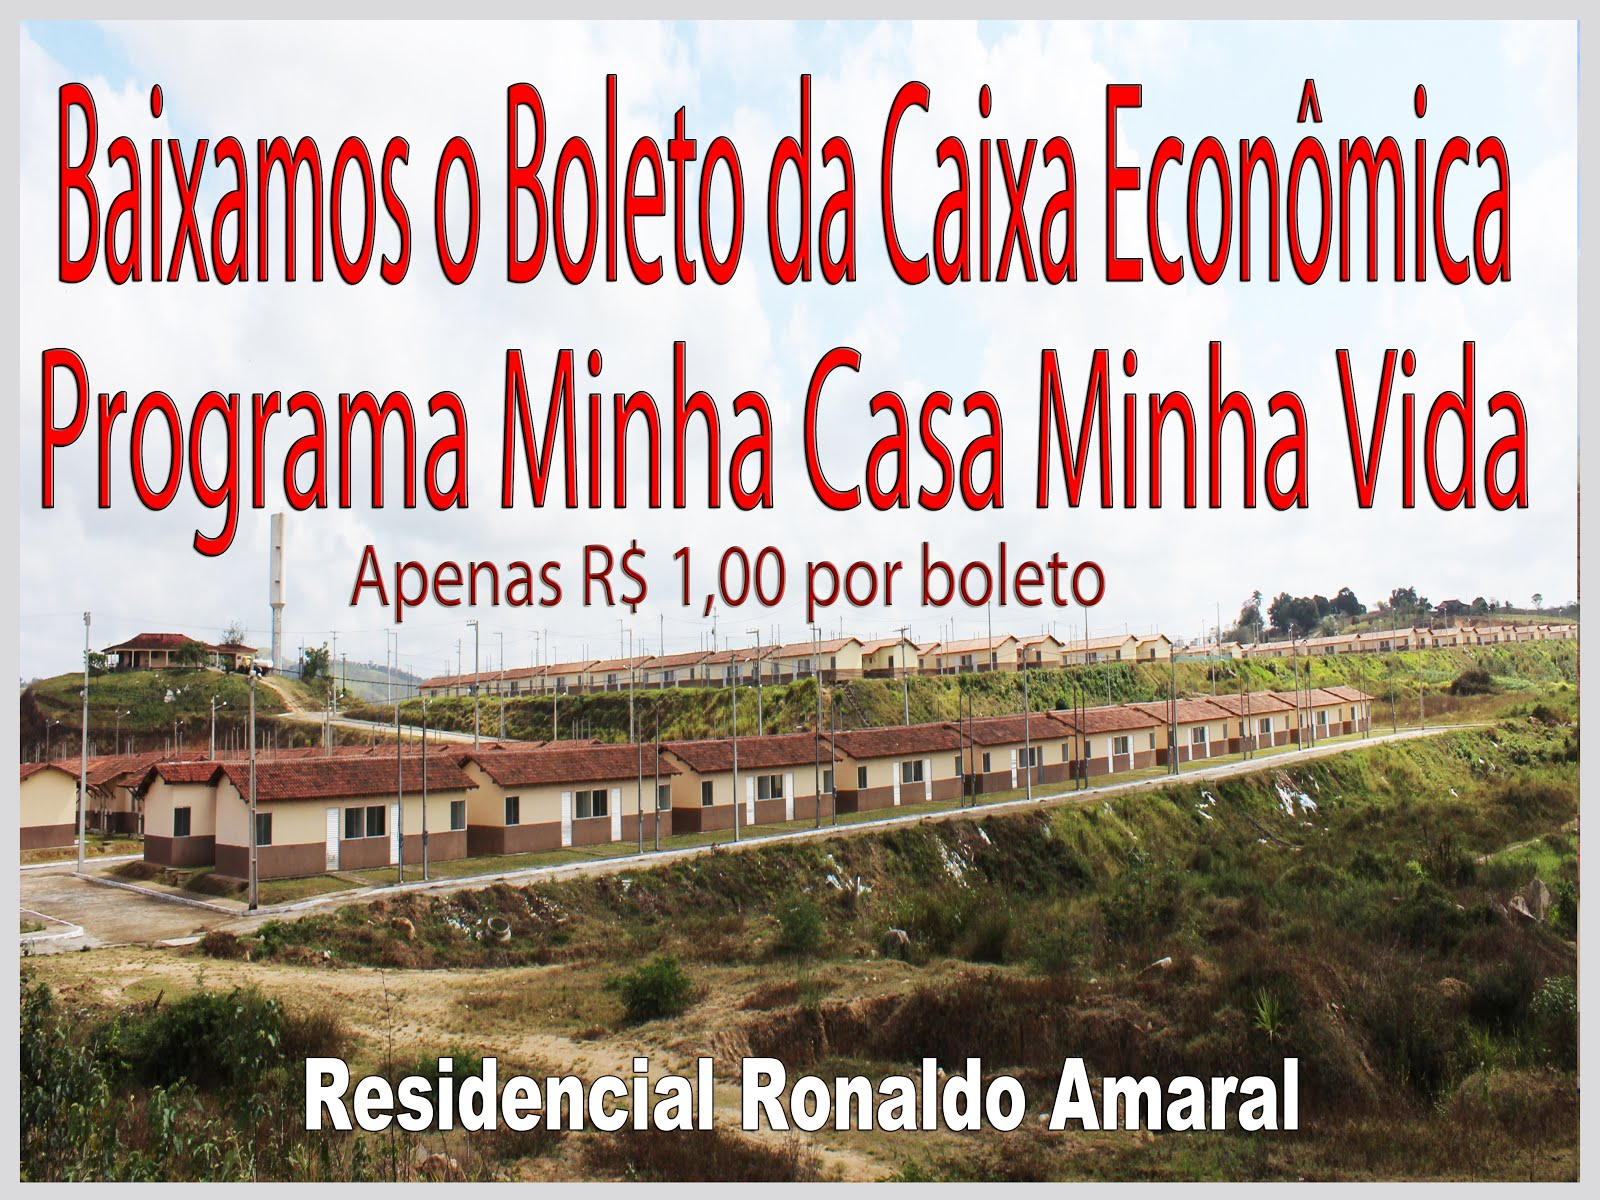 Baixamos Boleto do Programa Minha Casa Minha Vida do Residencial Ronaldo Amaral